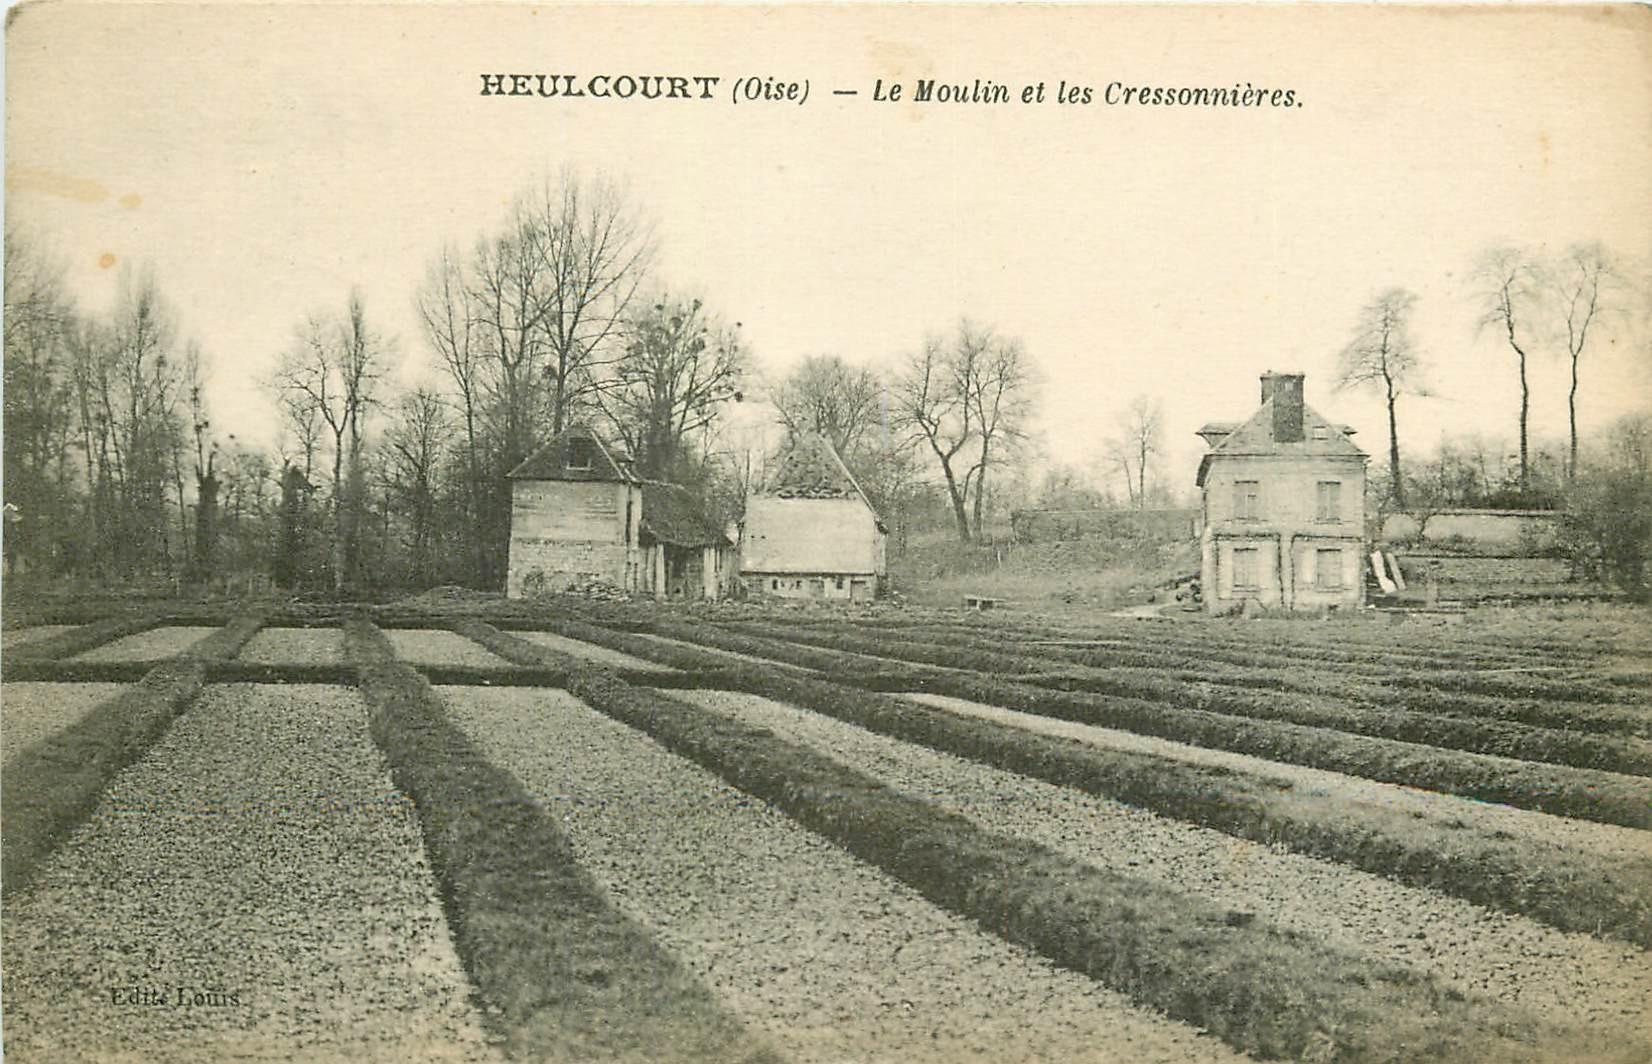 60 HEULCOURT. Le Moulin et les Cressonnières 1921